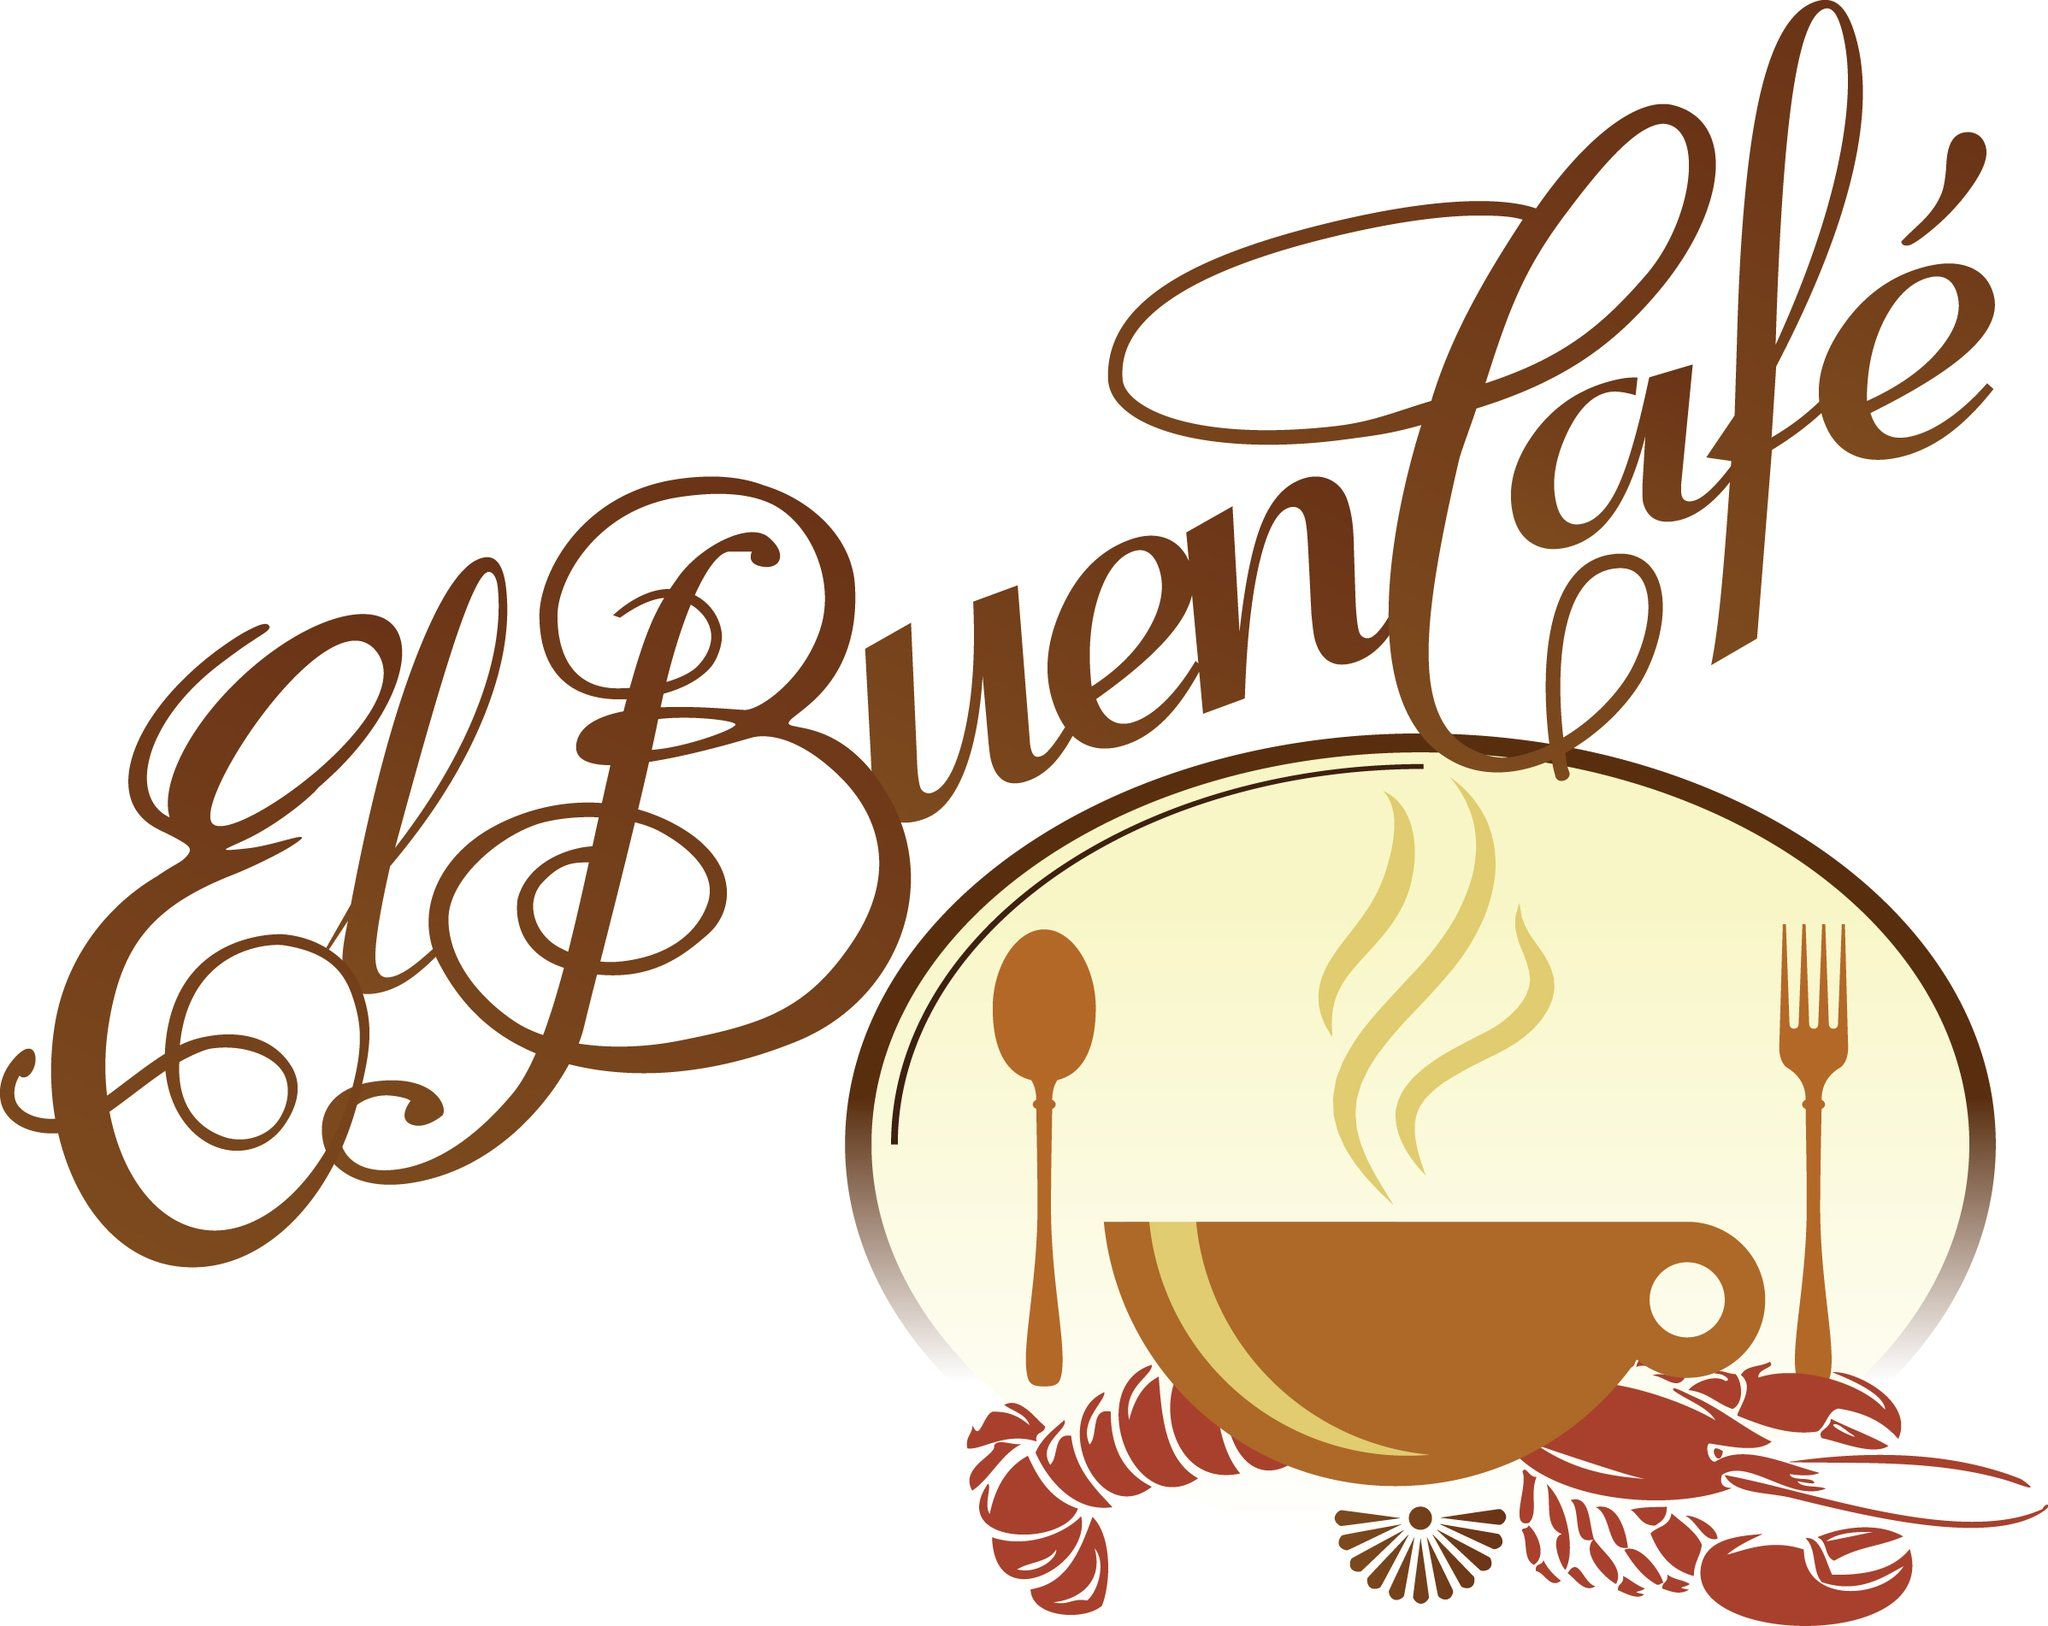 Parador El Buen Cafe